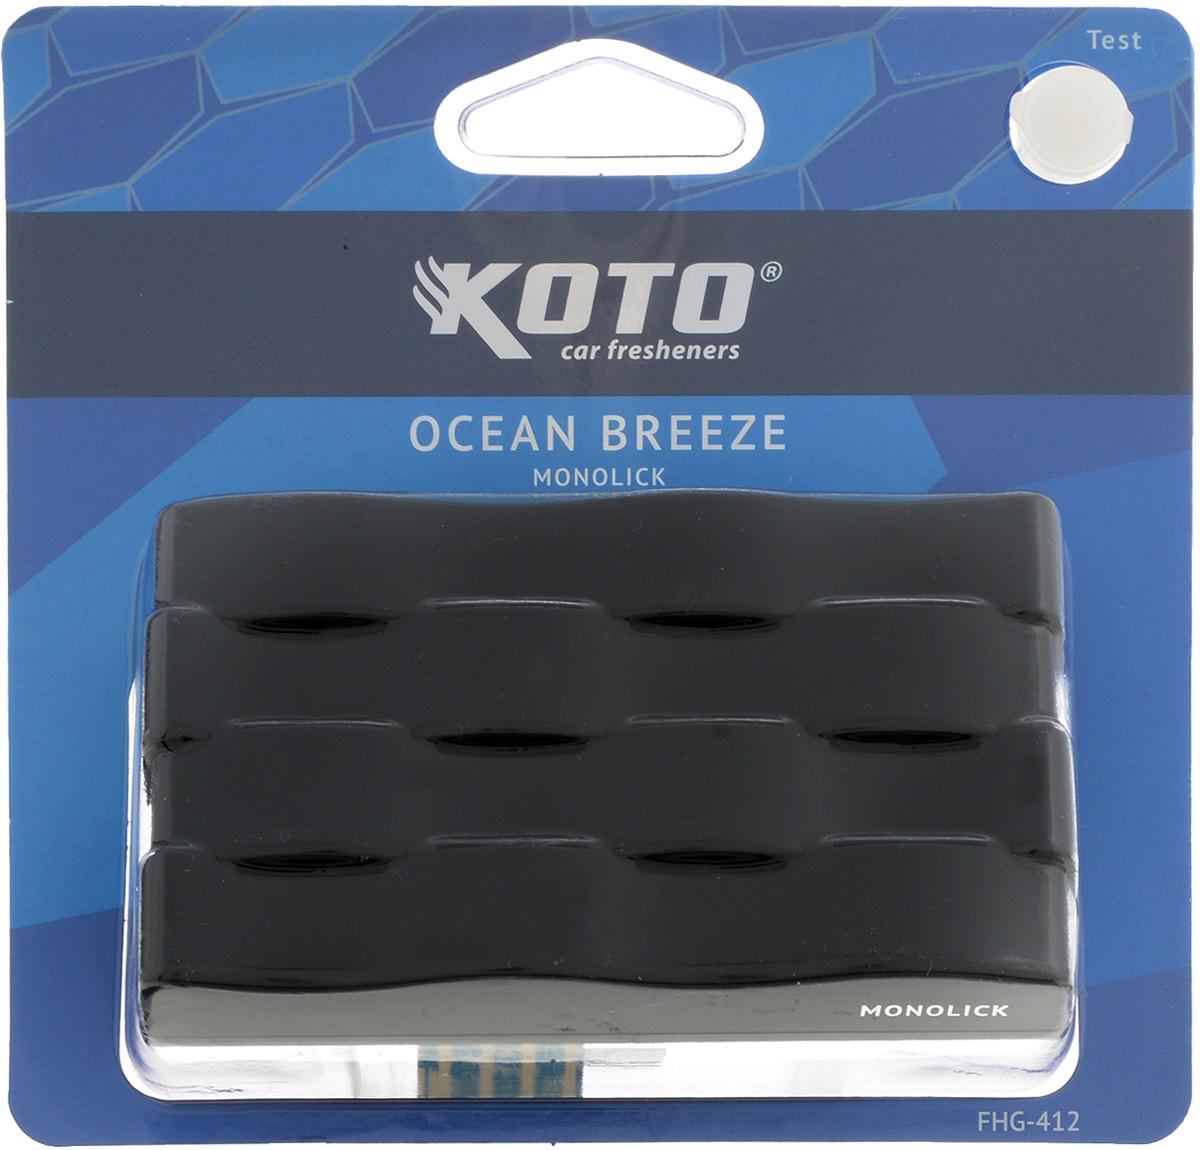 Ароматизатор автомобильный Koto Monolick. Ocean Breeze, гелевый, 90 гCA-3505Автомобильный ароматизатор Koto Monolick. Ocean Breeze эффективно устраняет неприятные запахи и придает приятный аромат. Сочетание геля с парфюмами наилучшего качества обеспечивает устойчивый запах. Кроме того, ароматизатор обладает элегантным дизайном. Благодаря специальной конструкции, изделие крепится на горизонтальную поверхность. Товар сертифицирован.